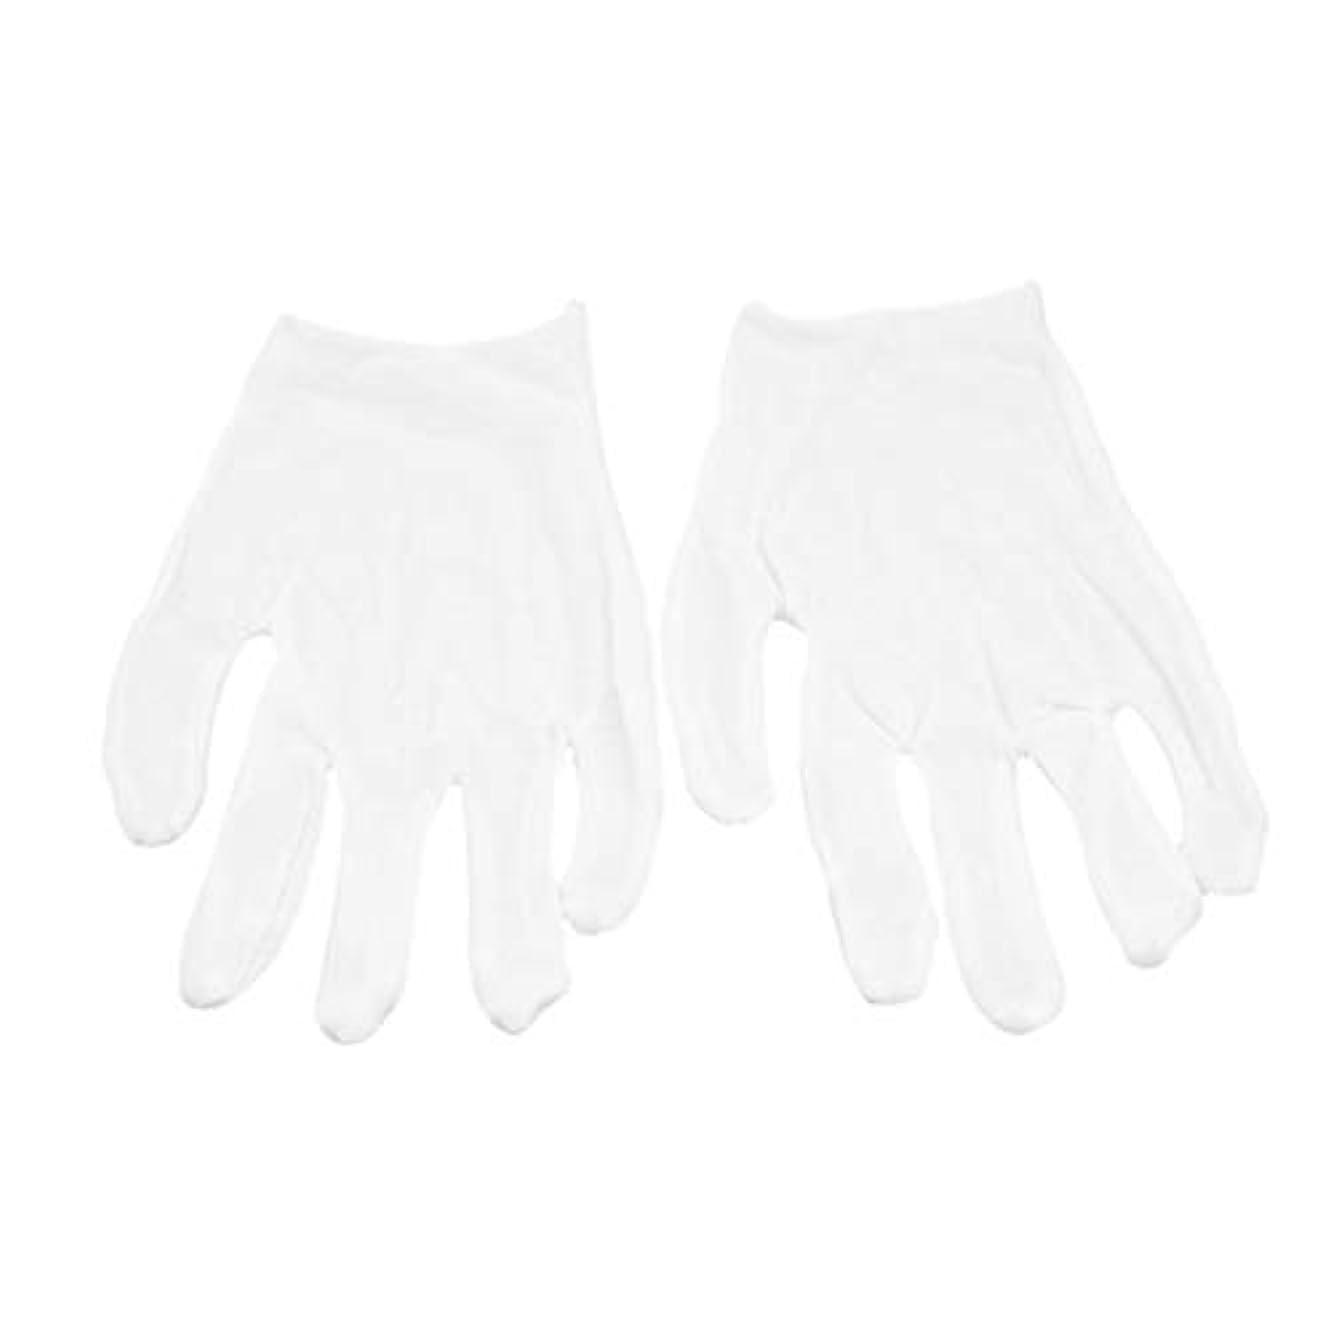 宇宙登録感謝するBEE&BlUE 春夏白い手袋コットン手袋 綿手袋 手荒れ 純綿 使い捨て 白手袋 薄手 お休み 礼装用 作業手袋 極薄